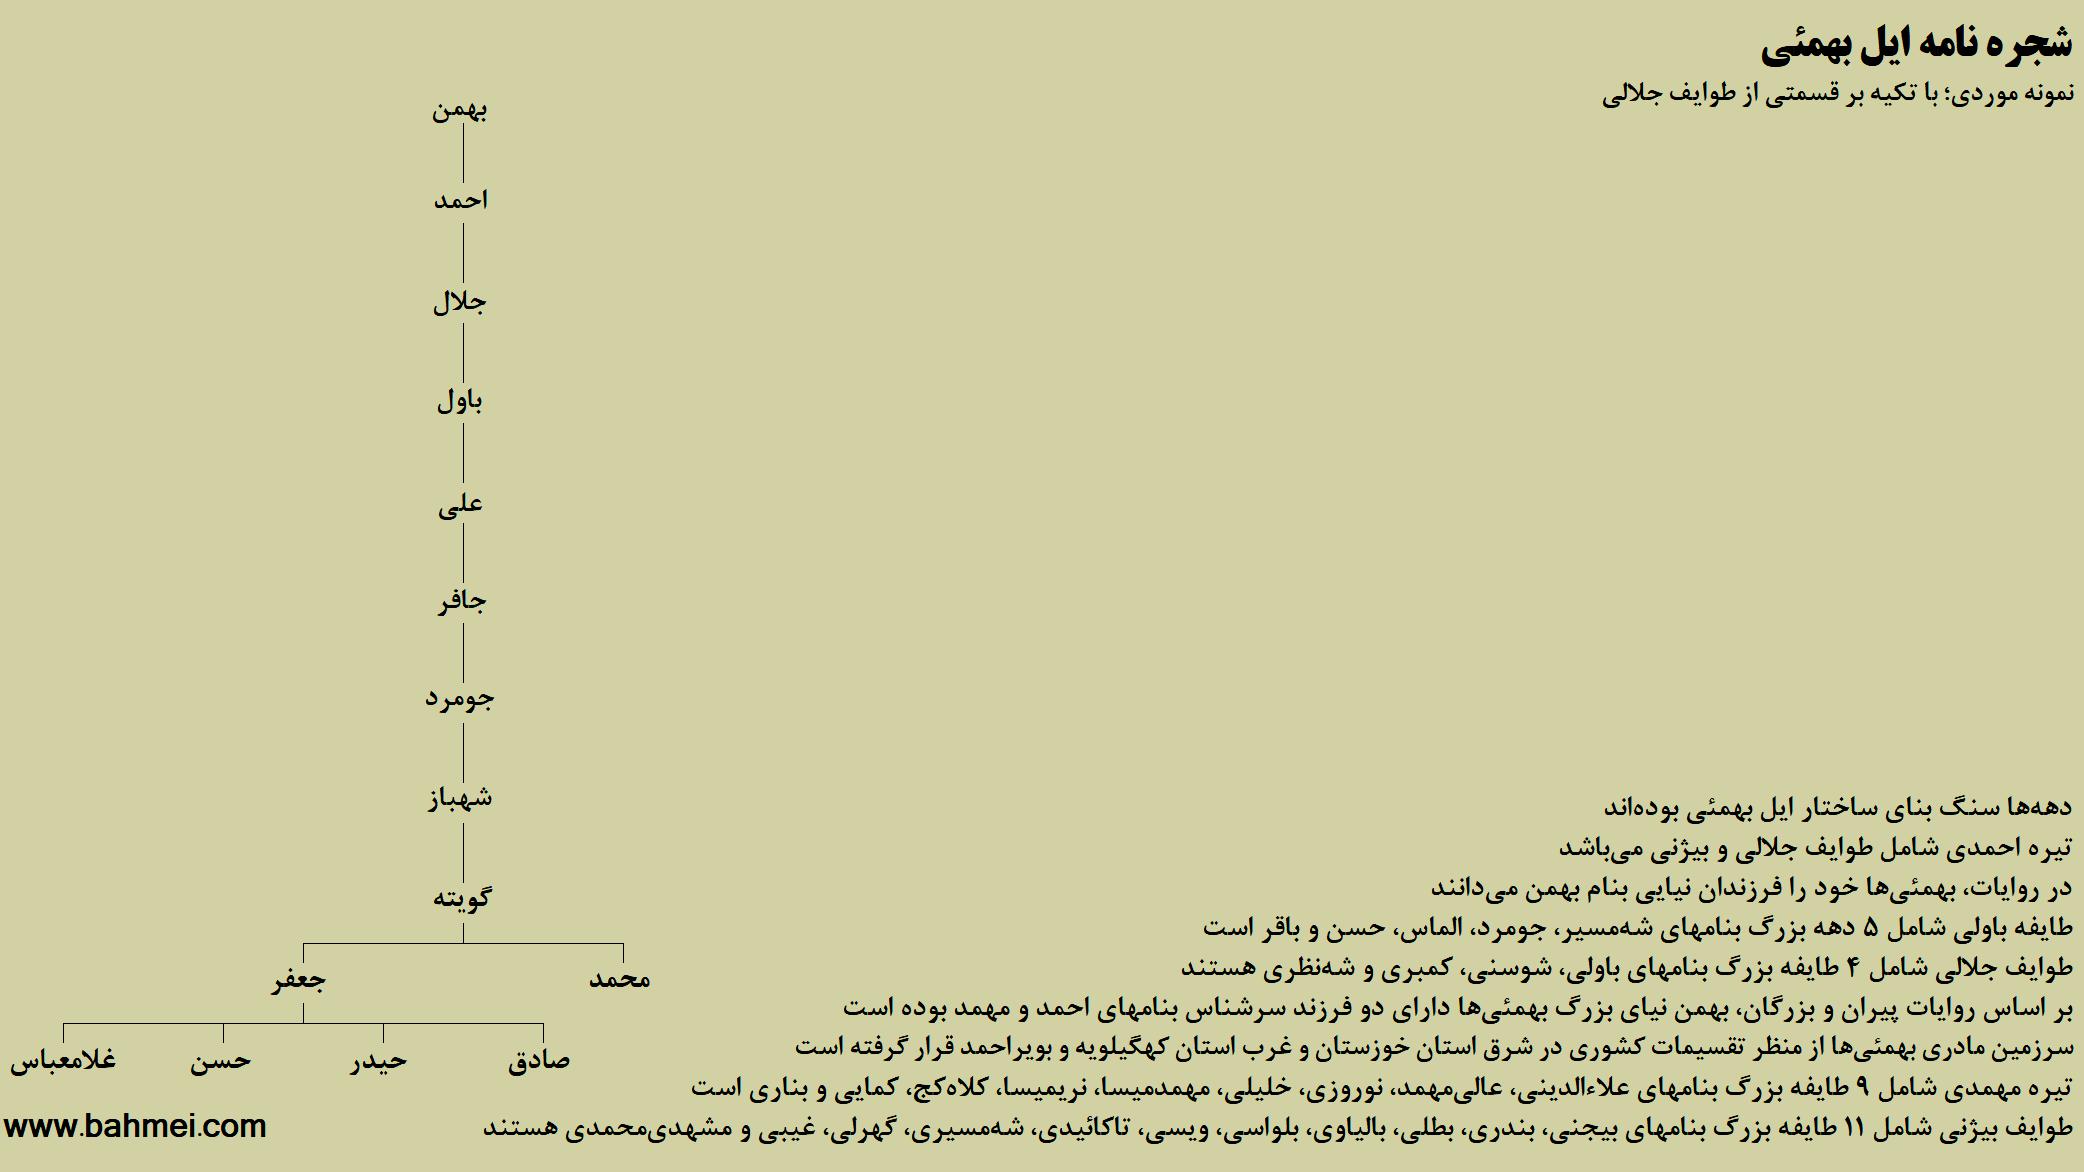 نمودار نسب نامه بخشی از دهه شهباز